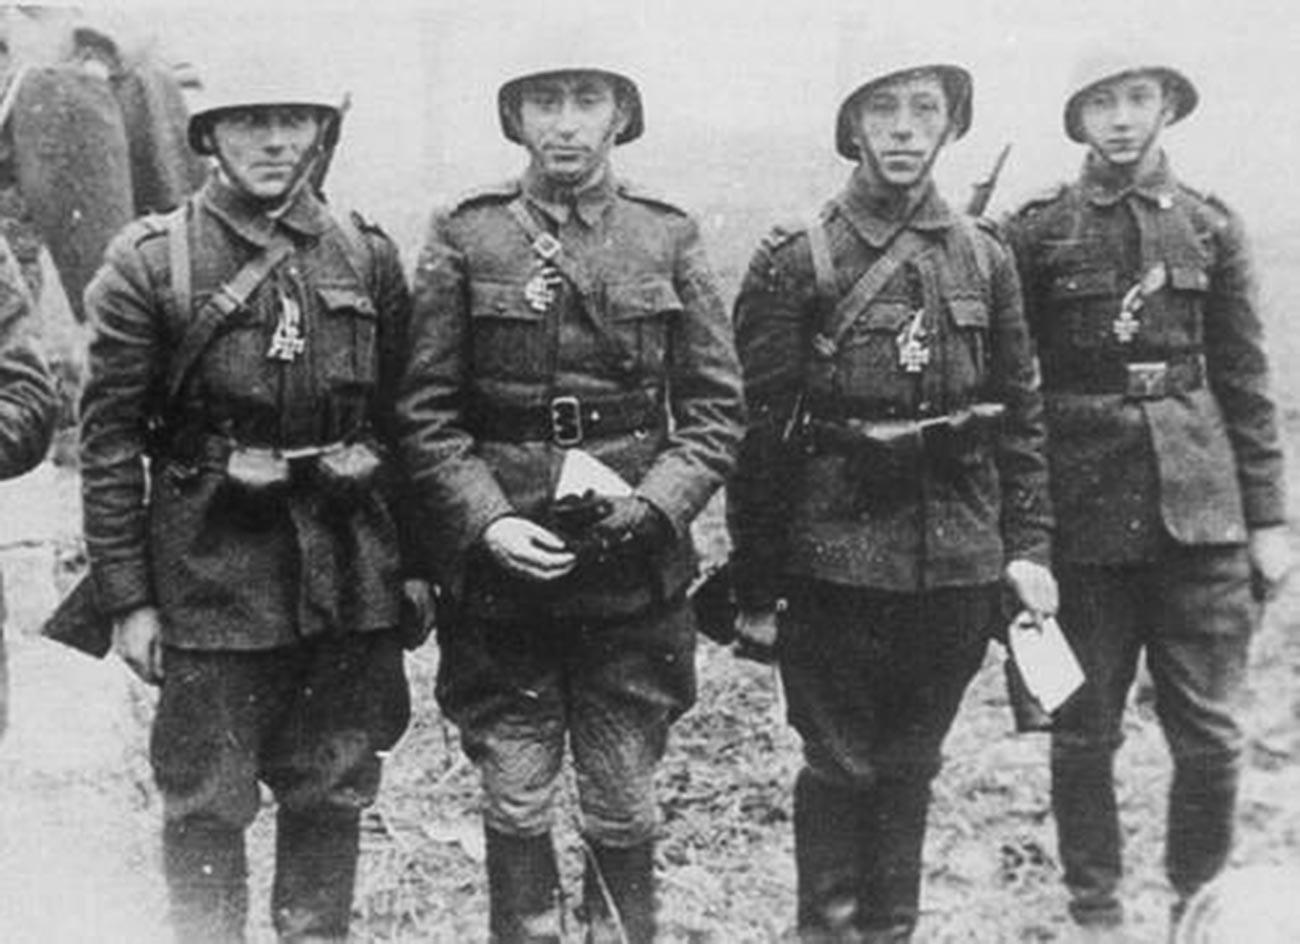 Кавалеристы 8-й бригады румынской армии, награжденные 7 января 1942 железными крестами за разгром советского десанта.